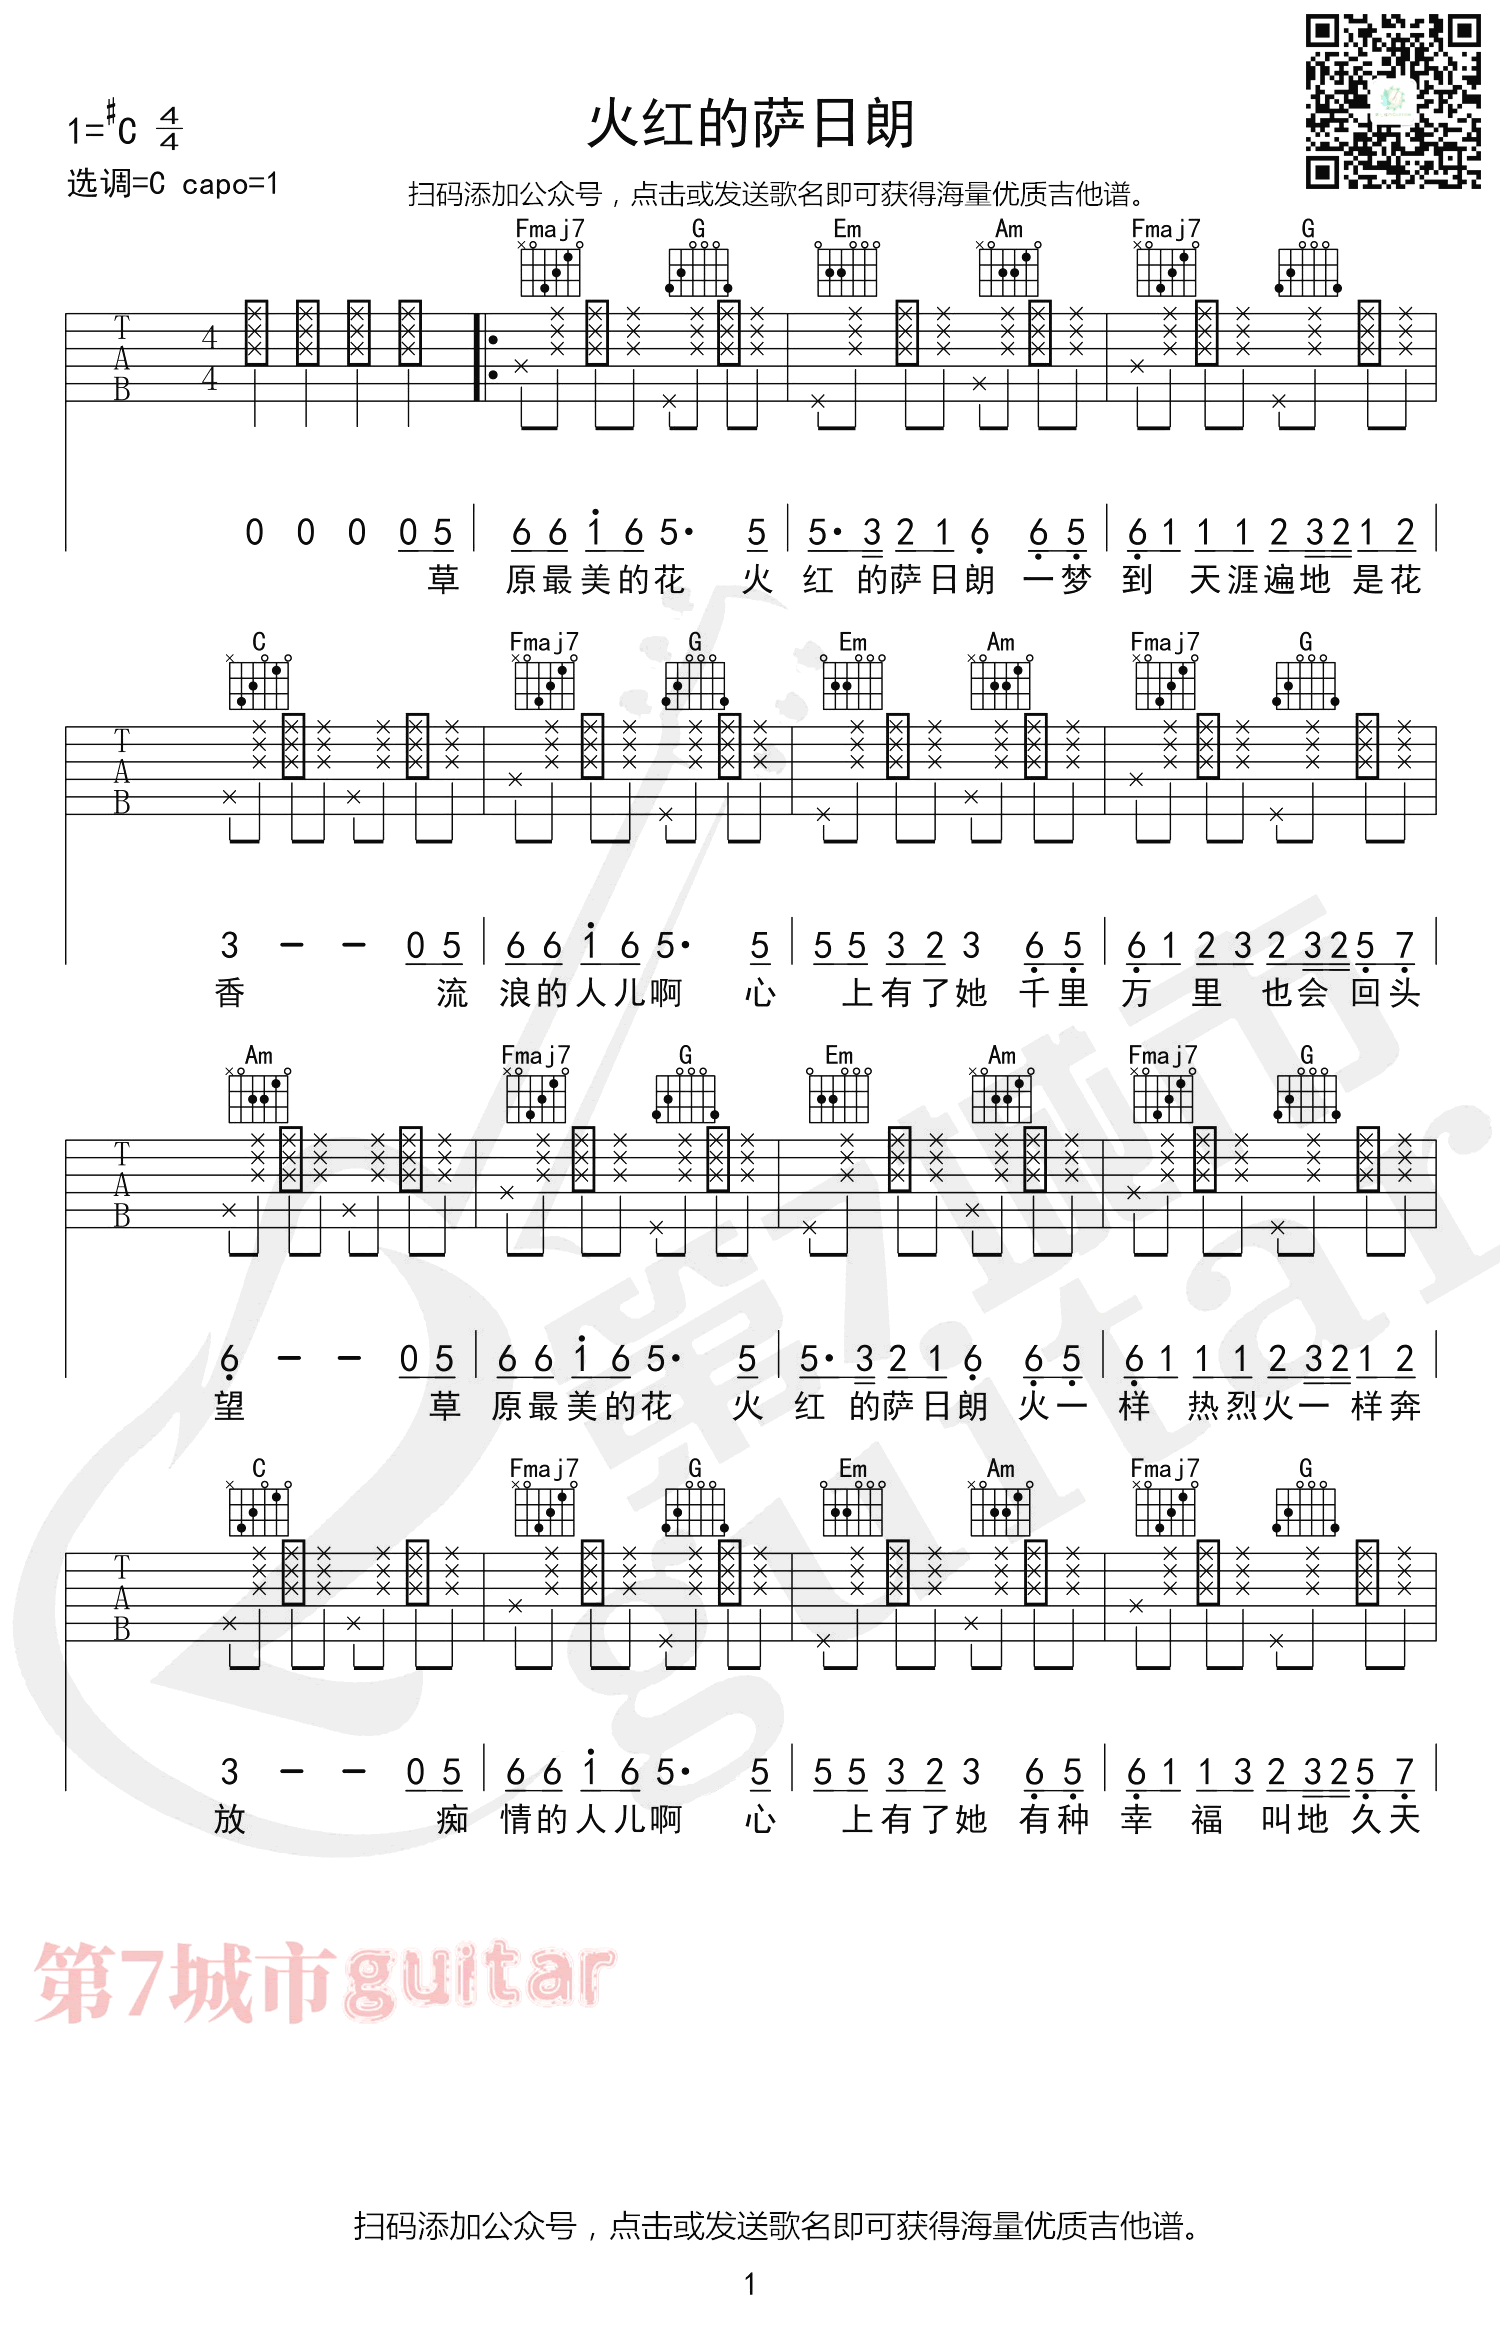 要不要买菜《火红的萨日朗》吉他谱简单版-1